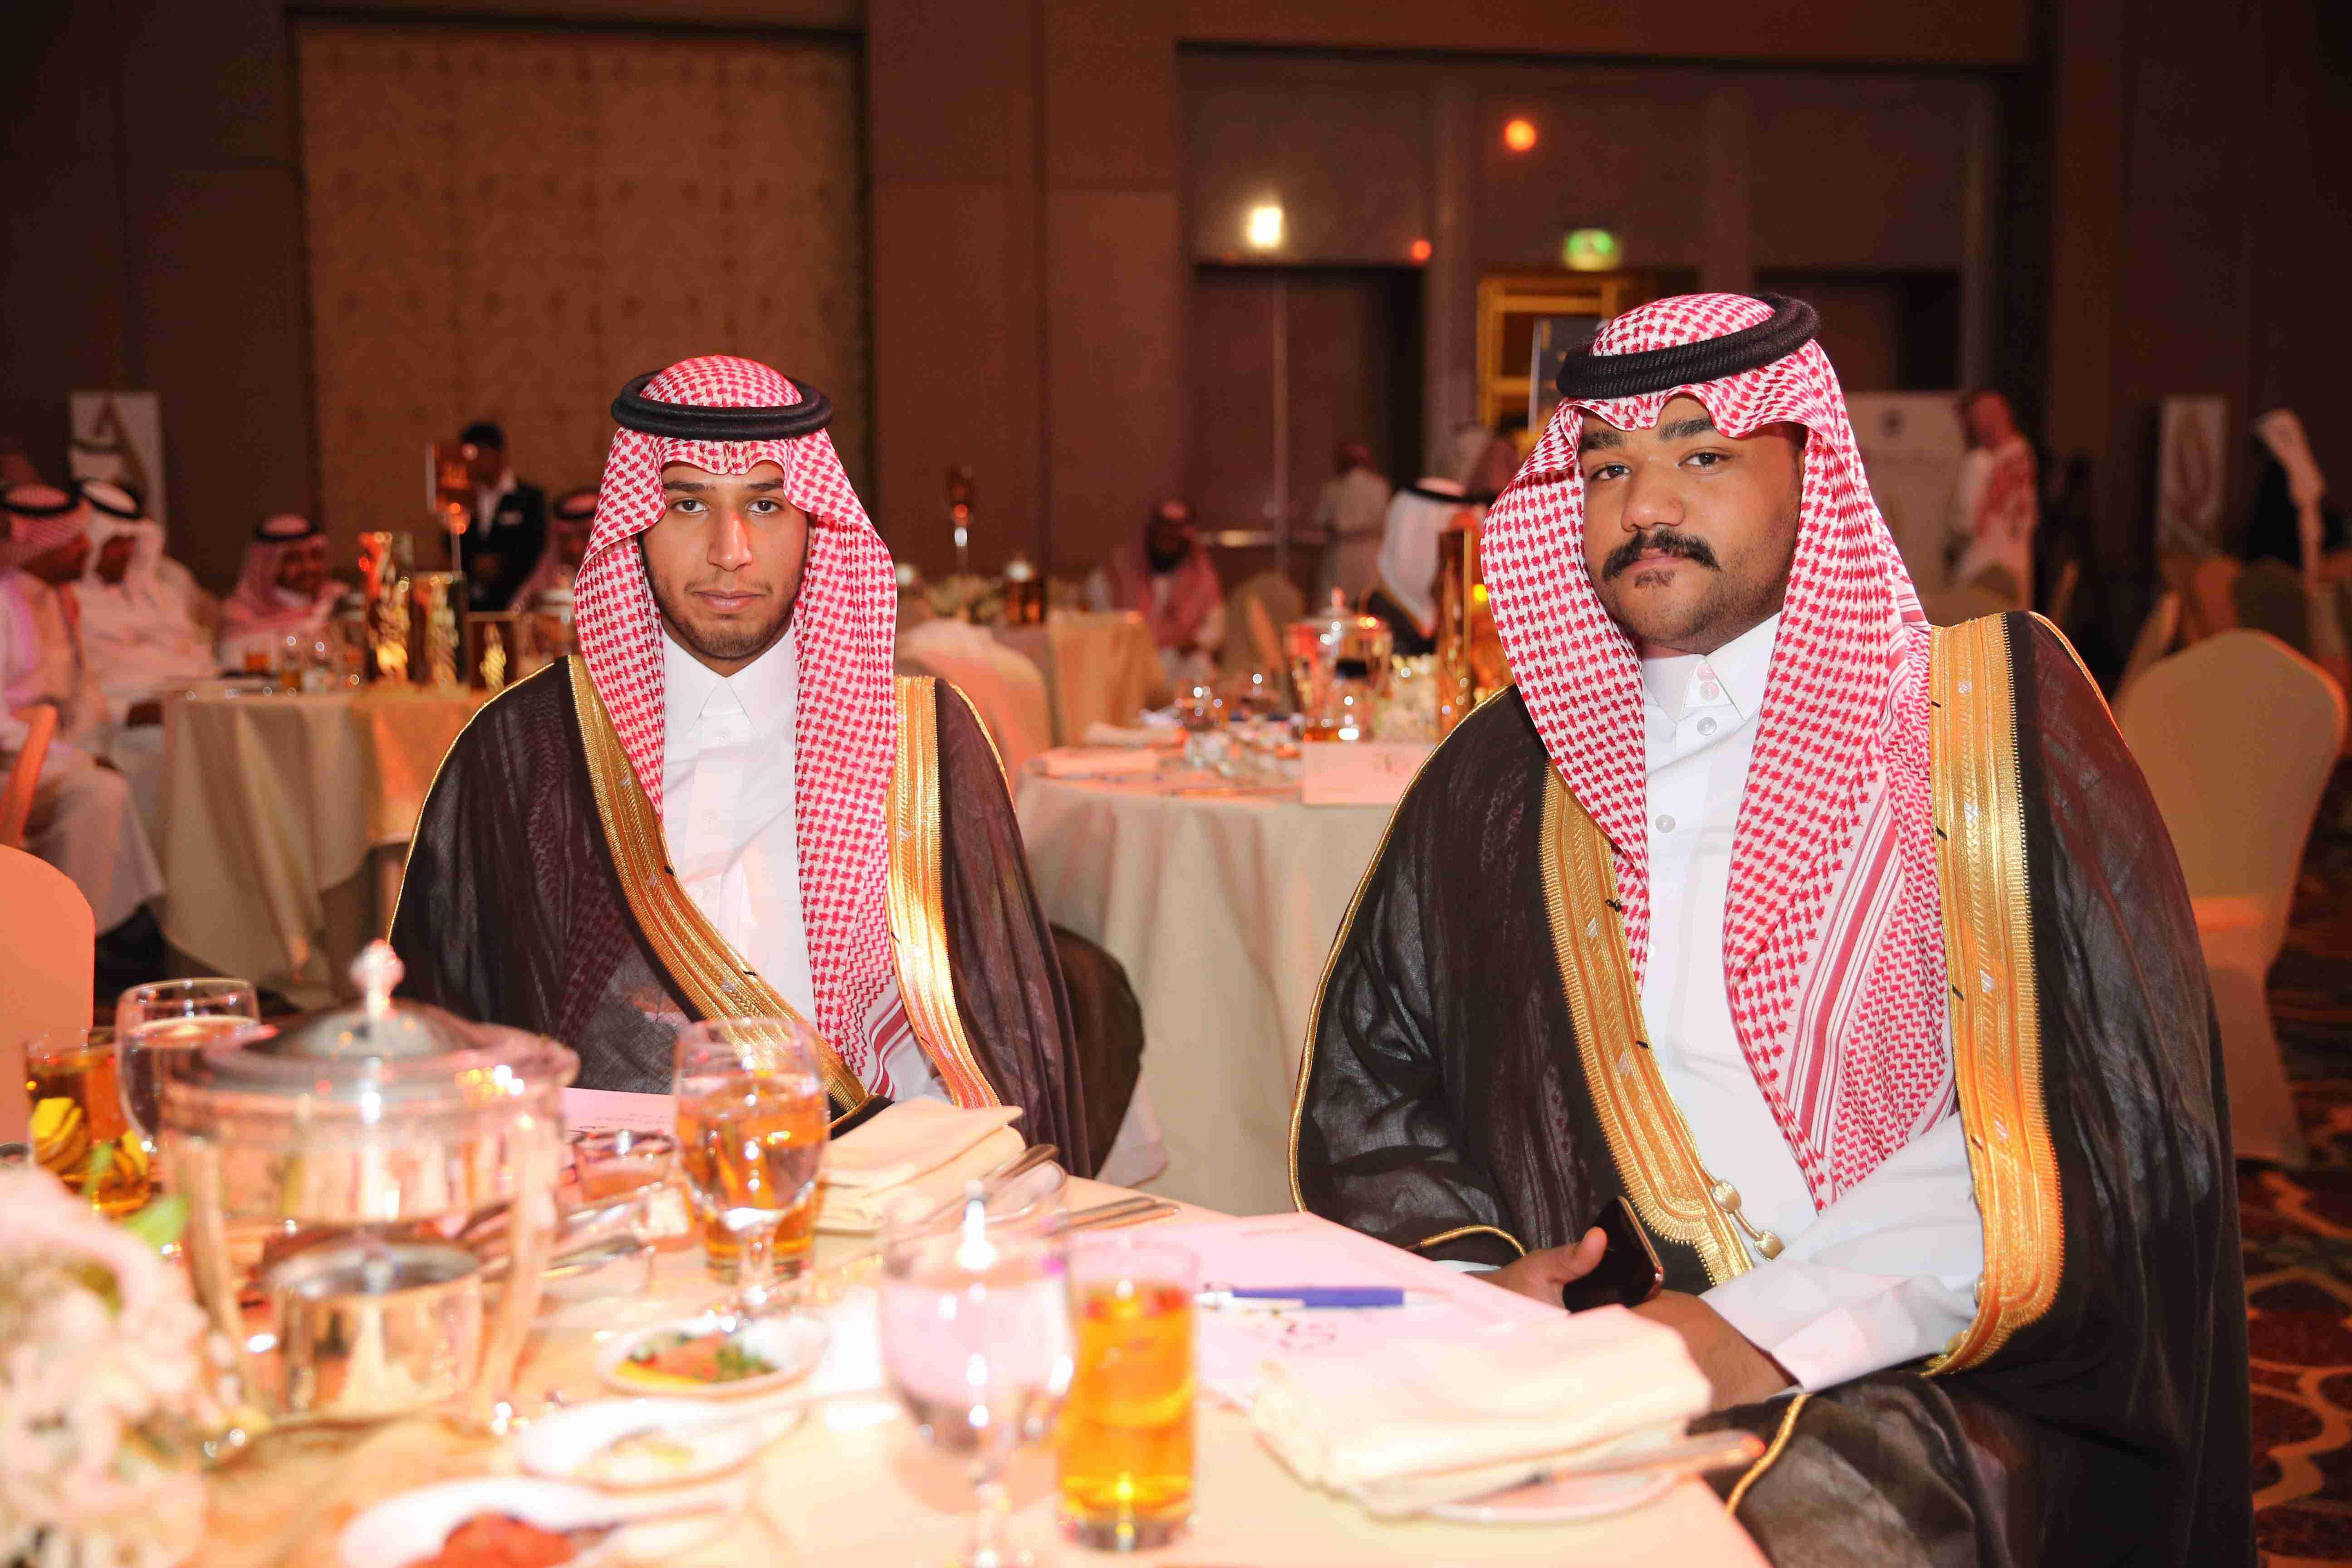 حفل تكريم الفائزين للدورة السادسة لجائزة الأميرة صيتة بنت عبدالعزيز للتميز في العمل الاجتماعي